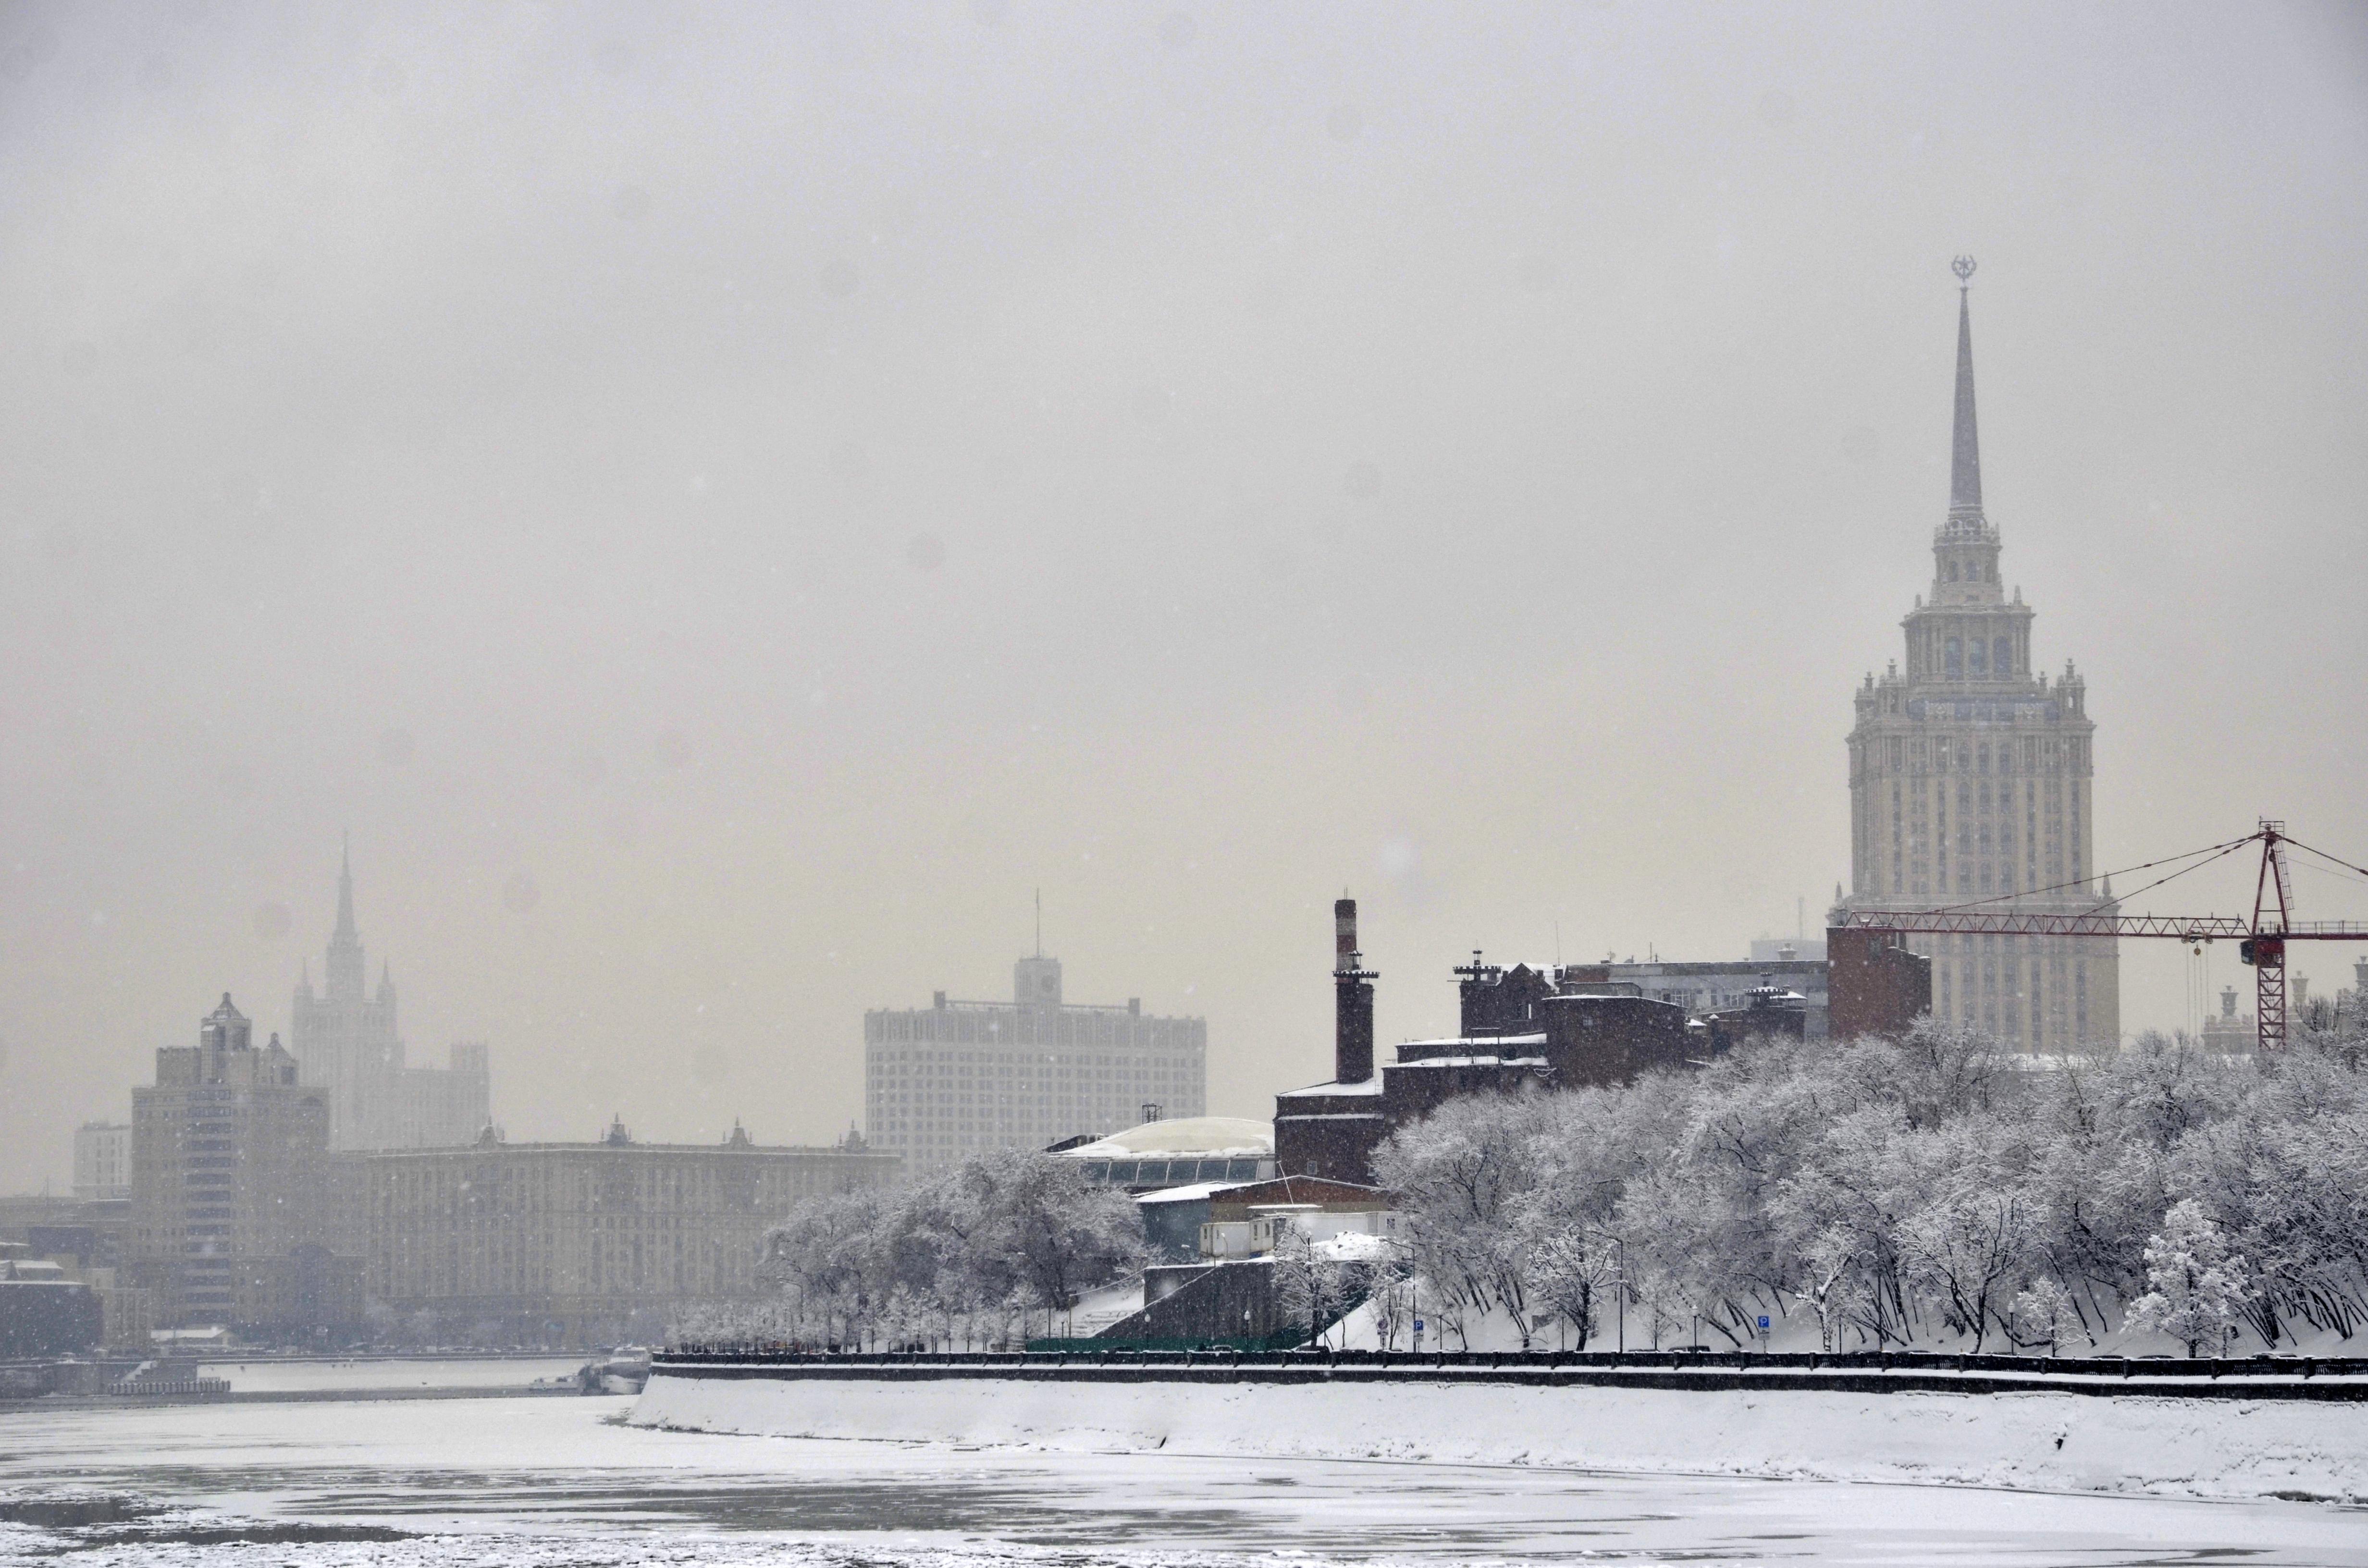 Восточный ветер и облачную погоду ожидают в столичном регионе. Фото: Анна Быкова